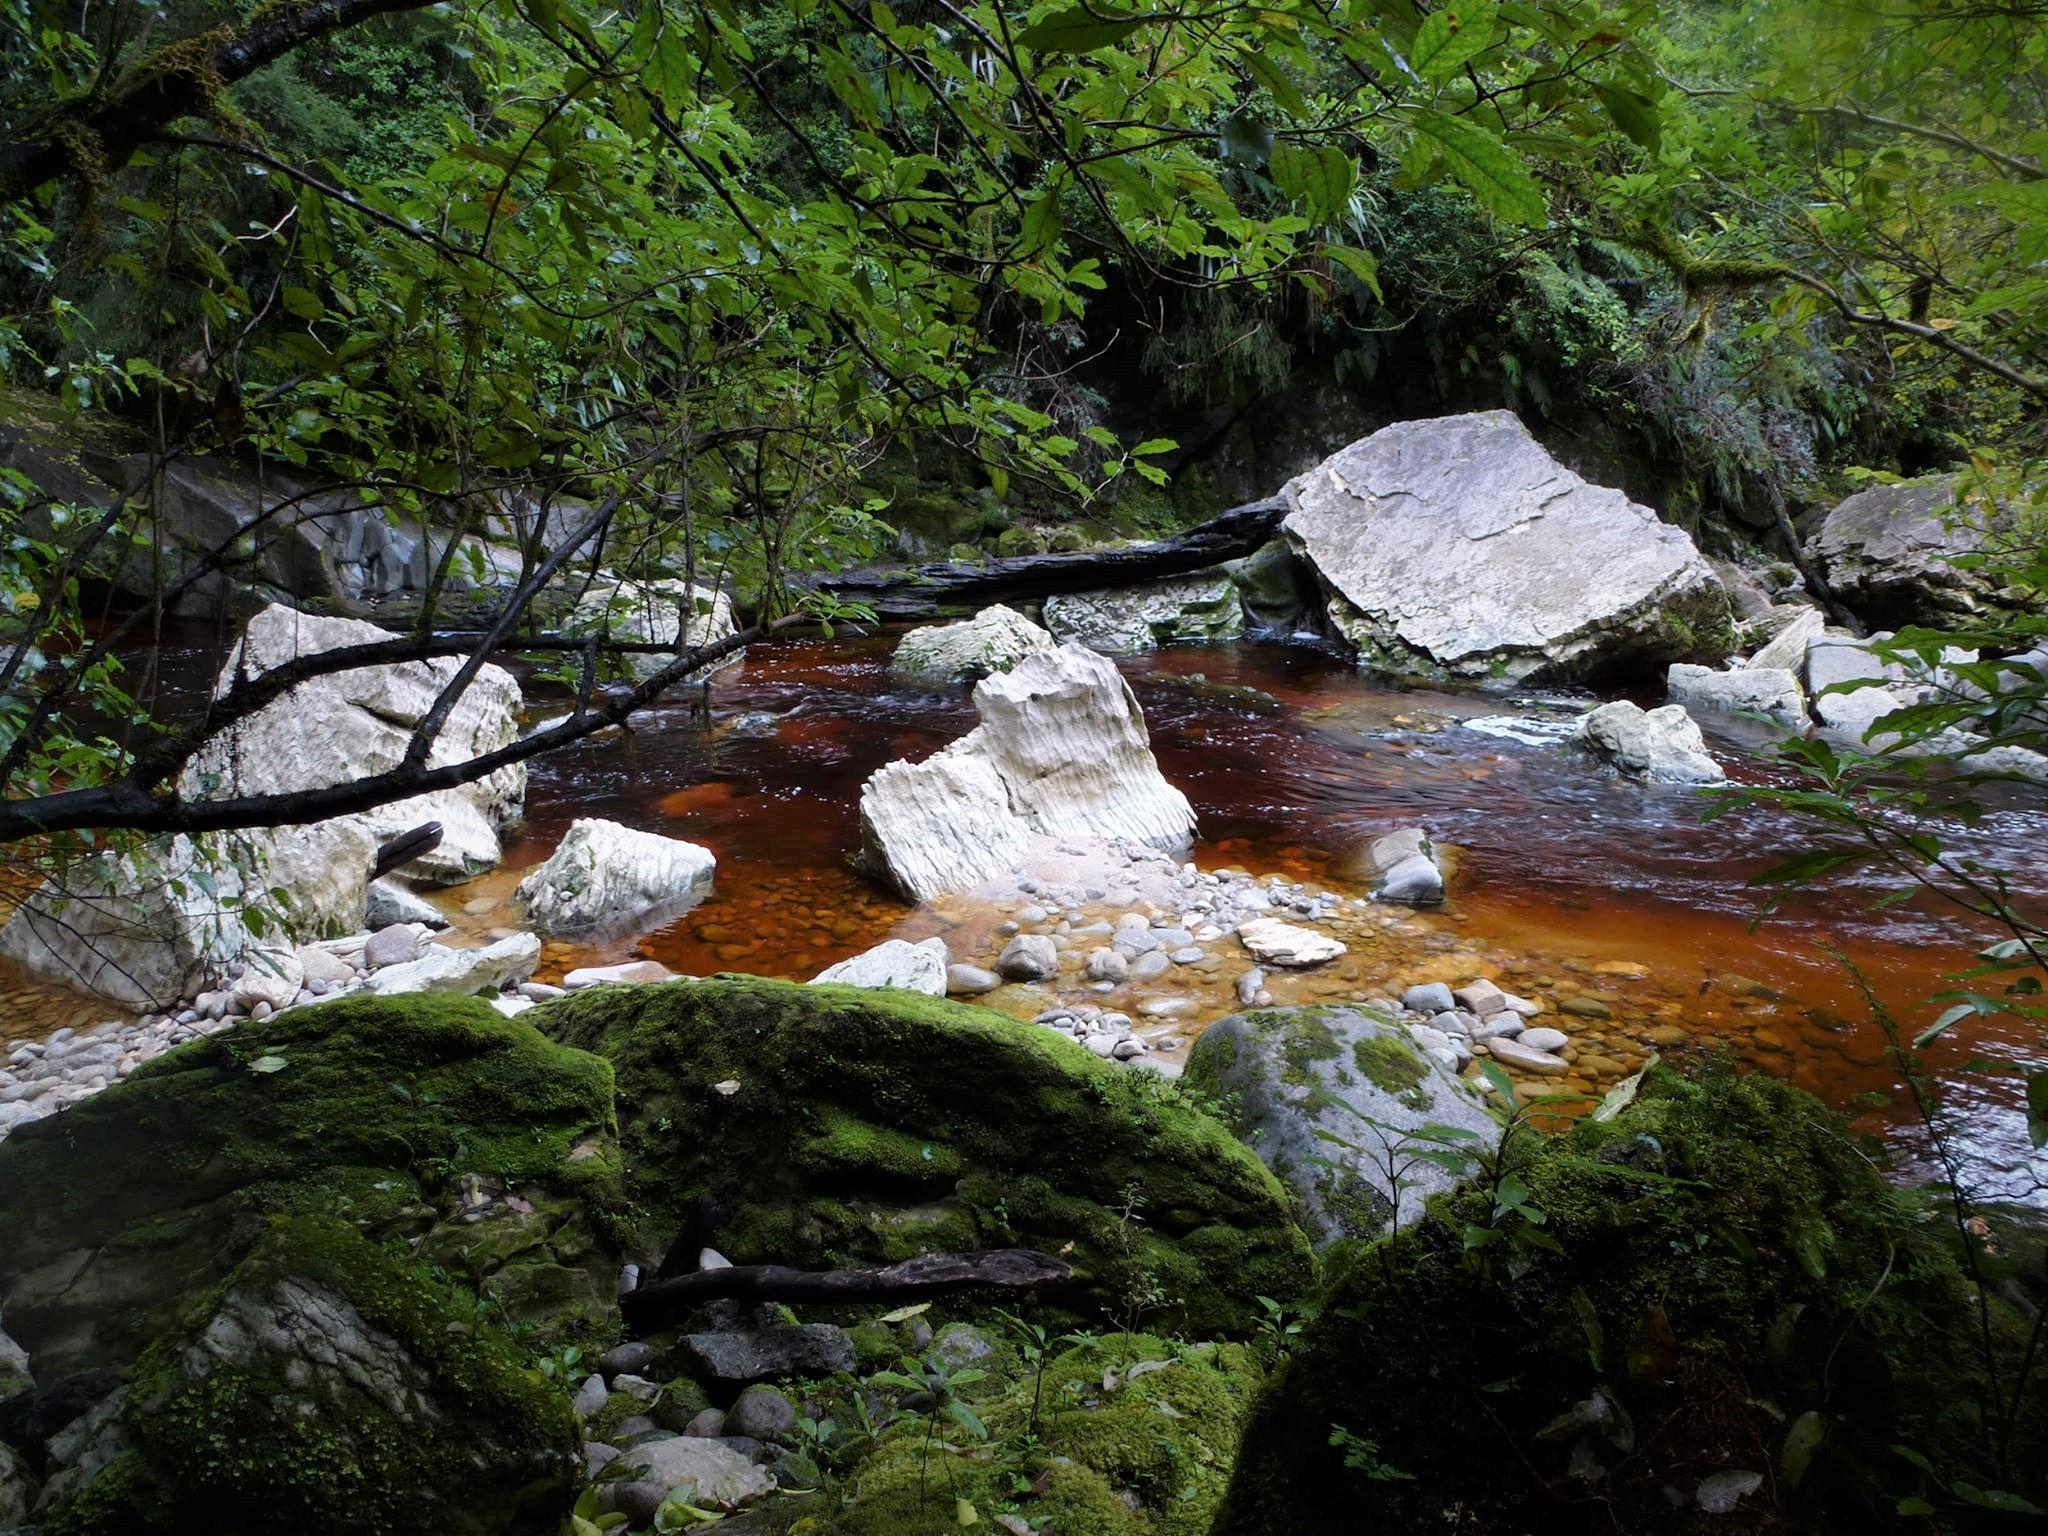 ニュージーランド旅ブログ・真冬の6週間縦断⑩【カラメアとオパララ】